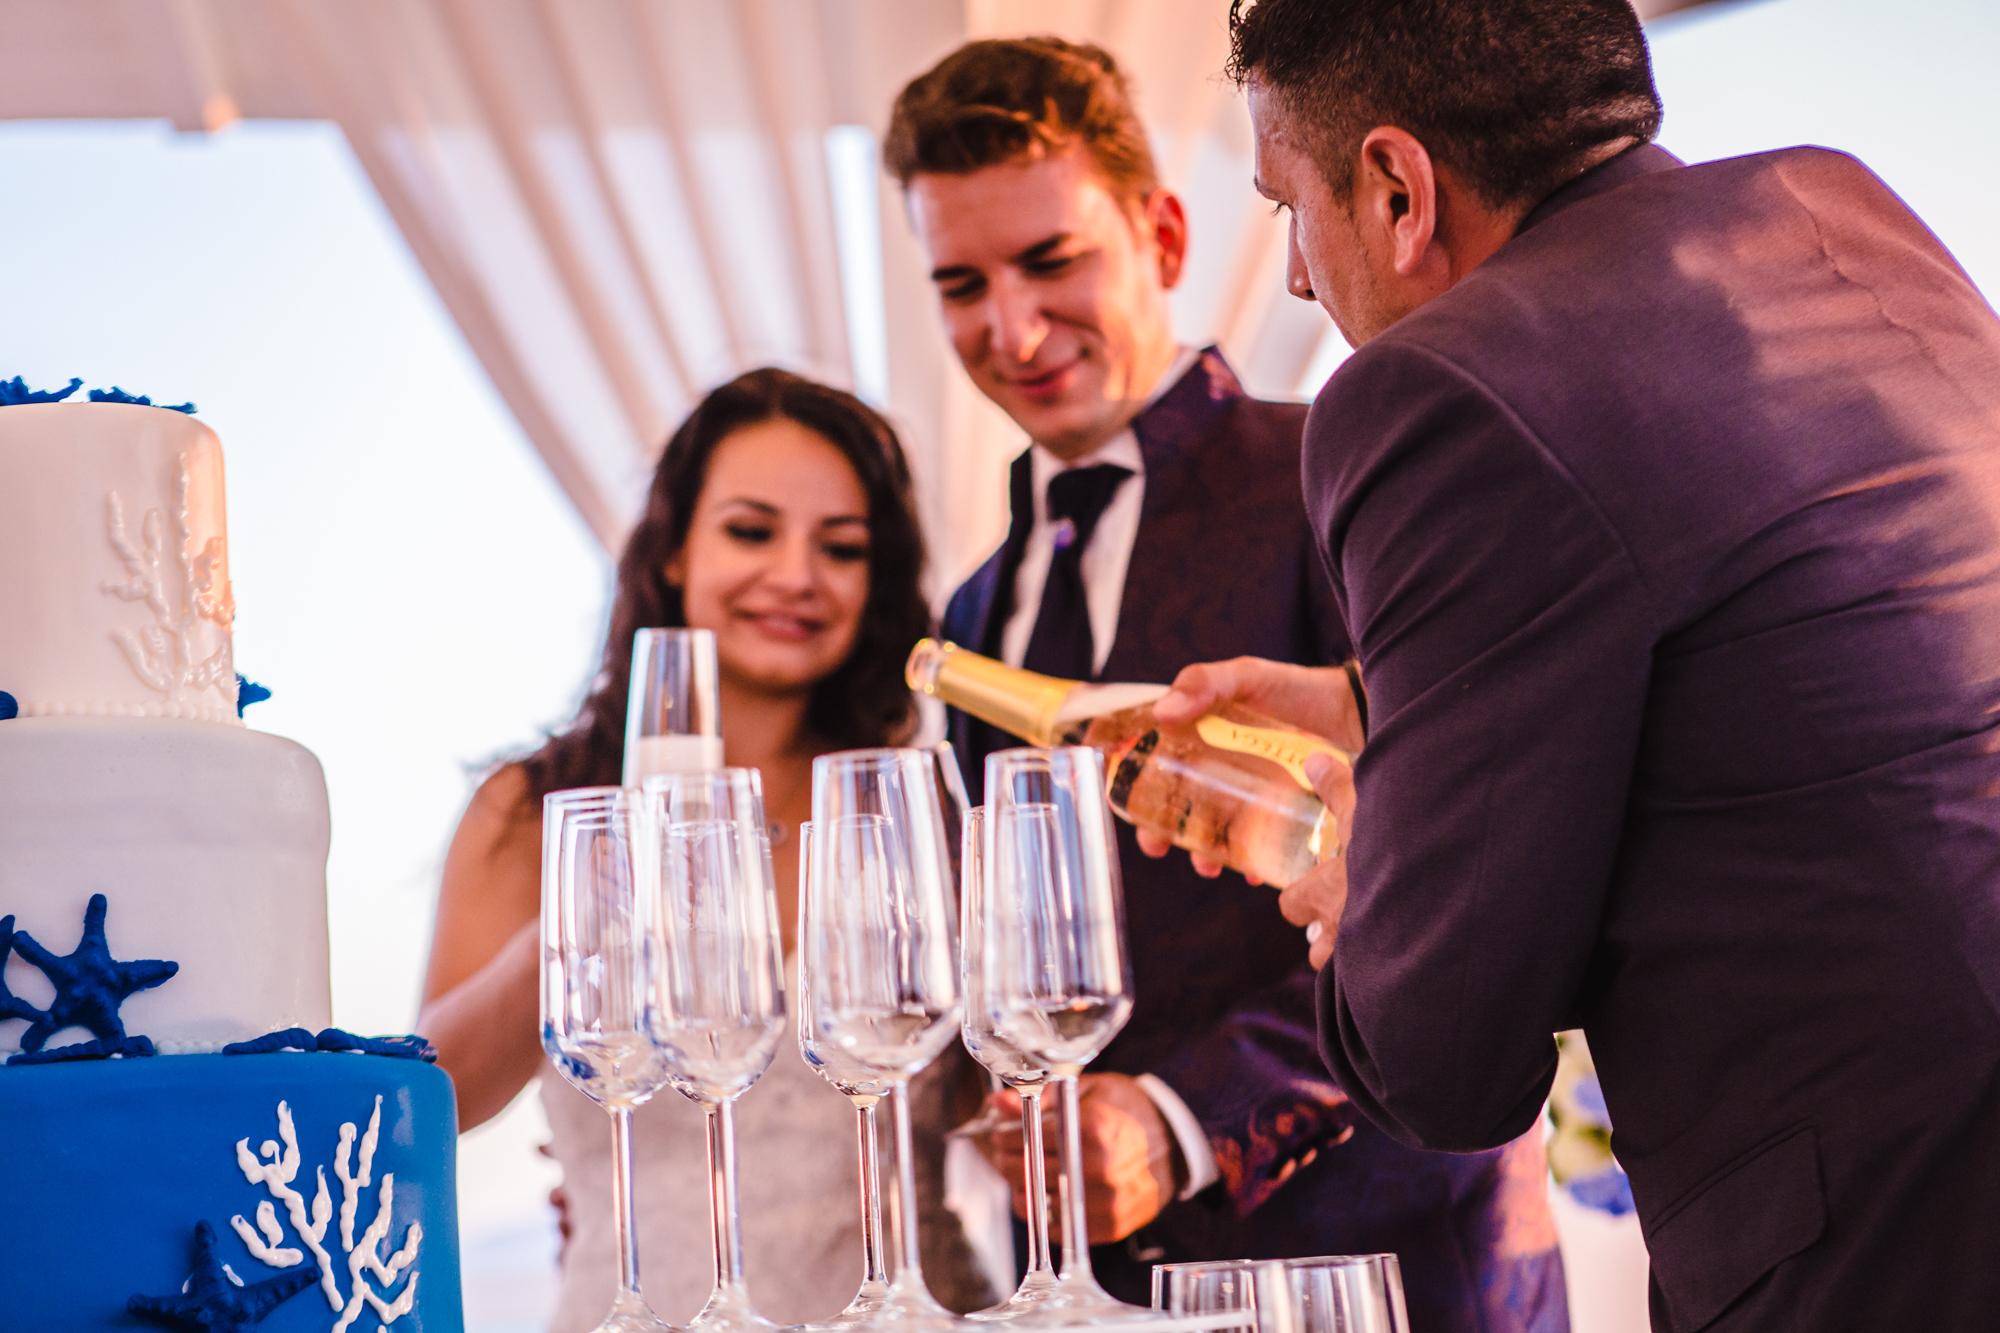 Matrimonio Spiaggia Brindisi : Matrimonio in spiaggia napoli il brindisi agli sposi sohal